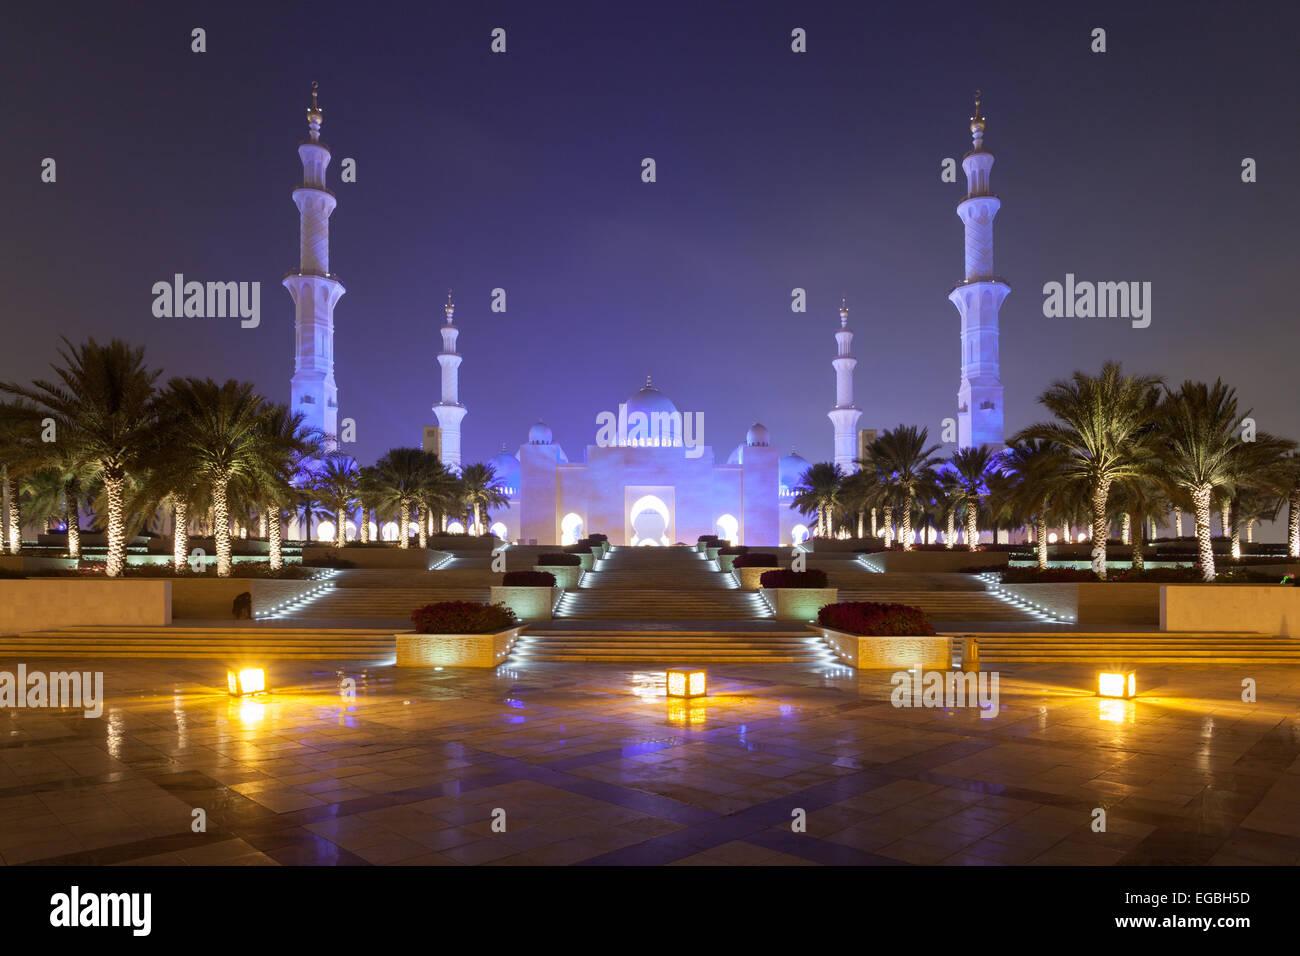 Sheikh Zayed Moschee In Abu Dhabi Nachts Beleuchtet Stockfoto